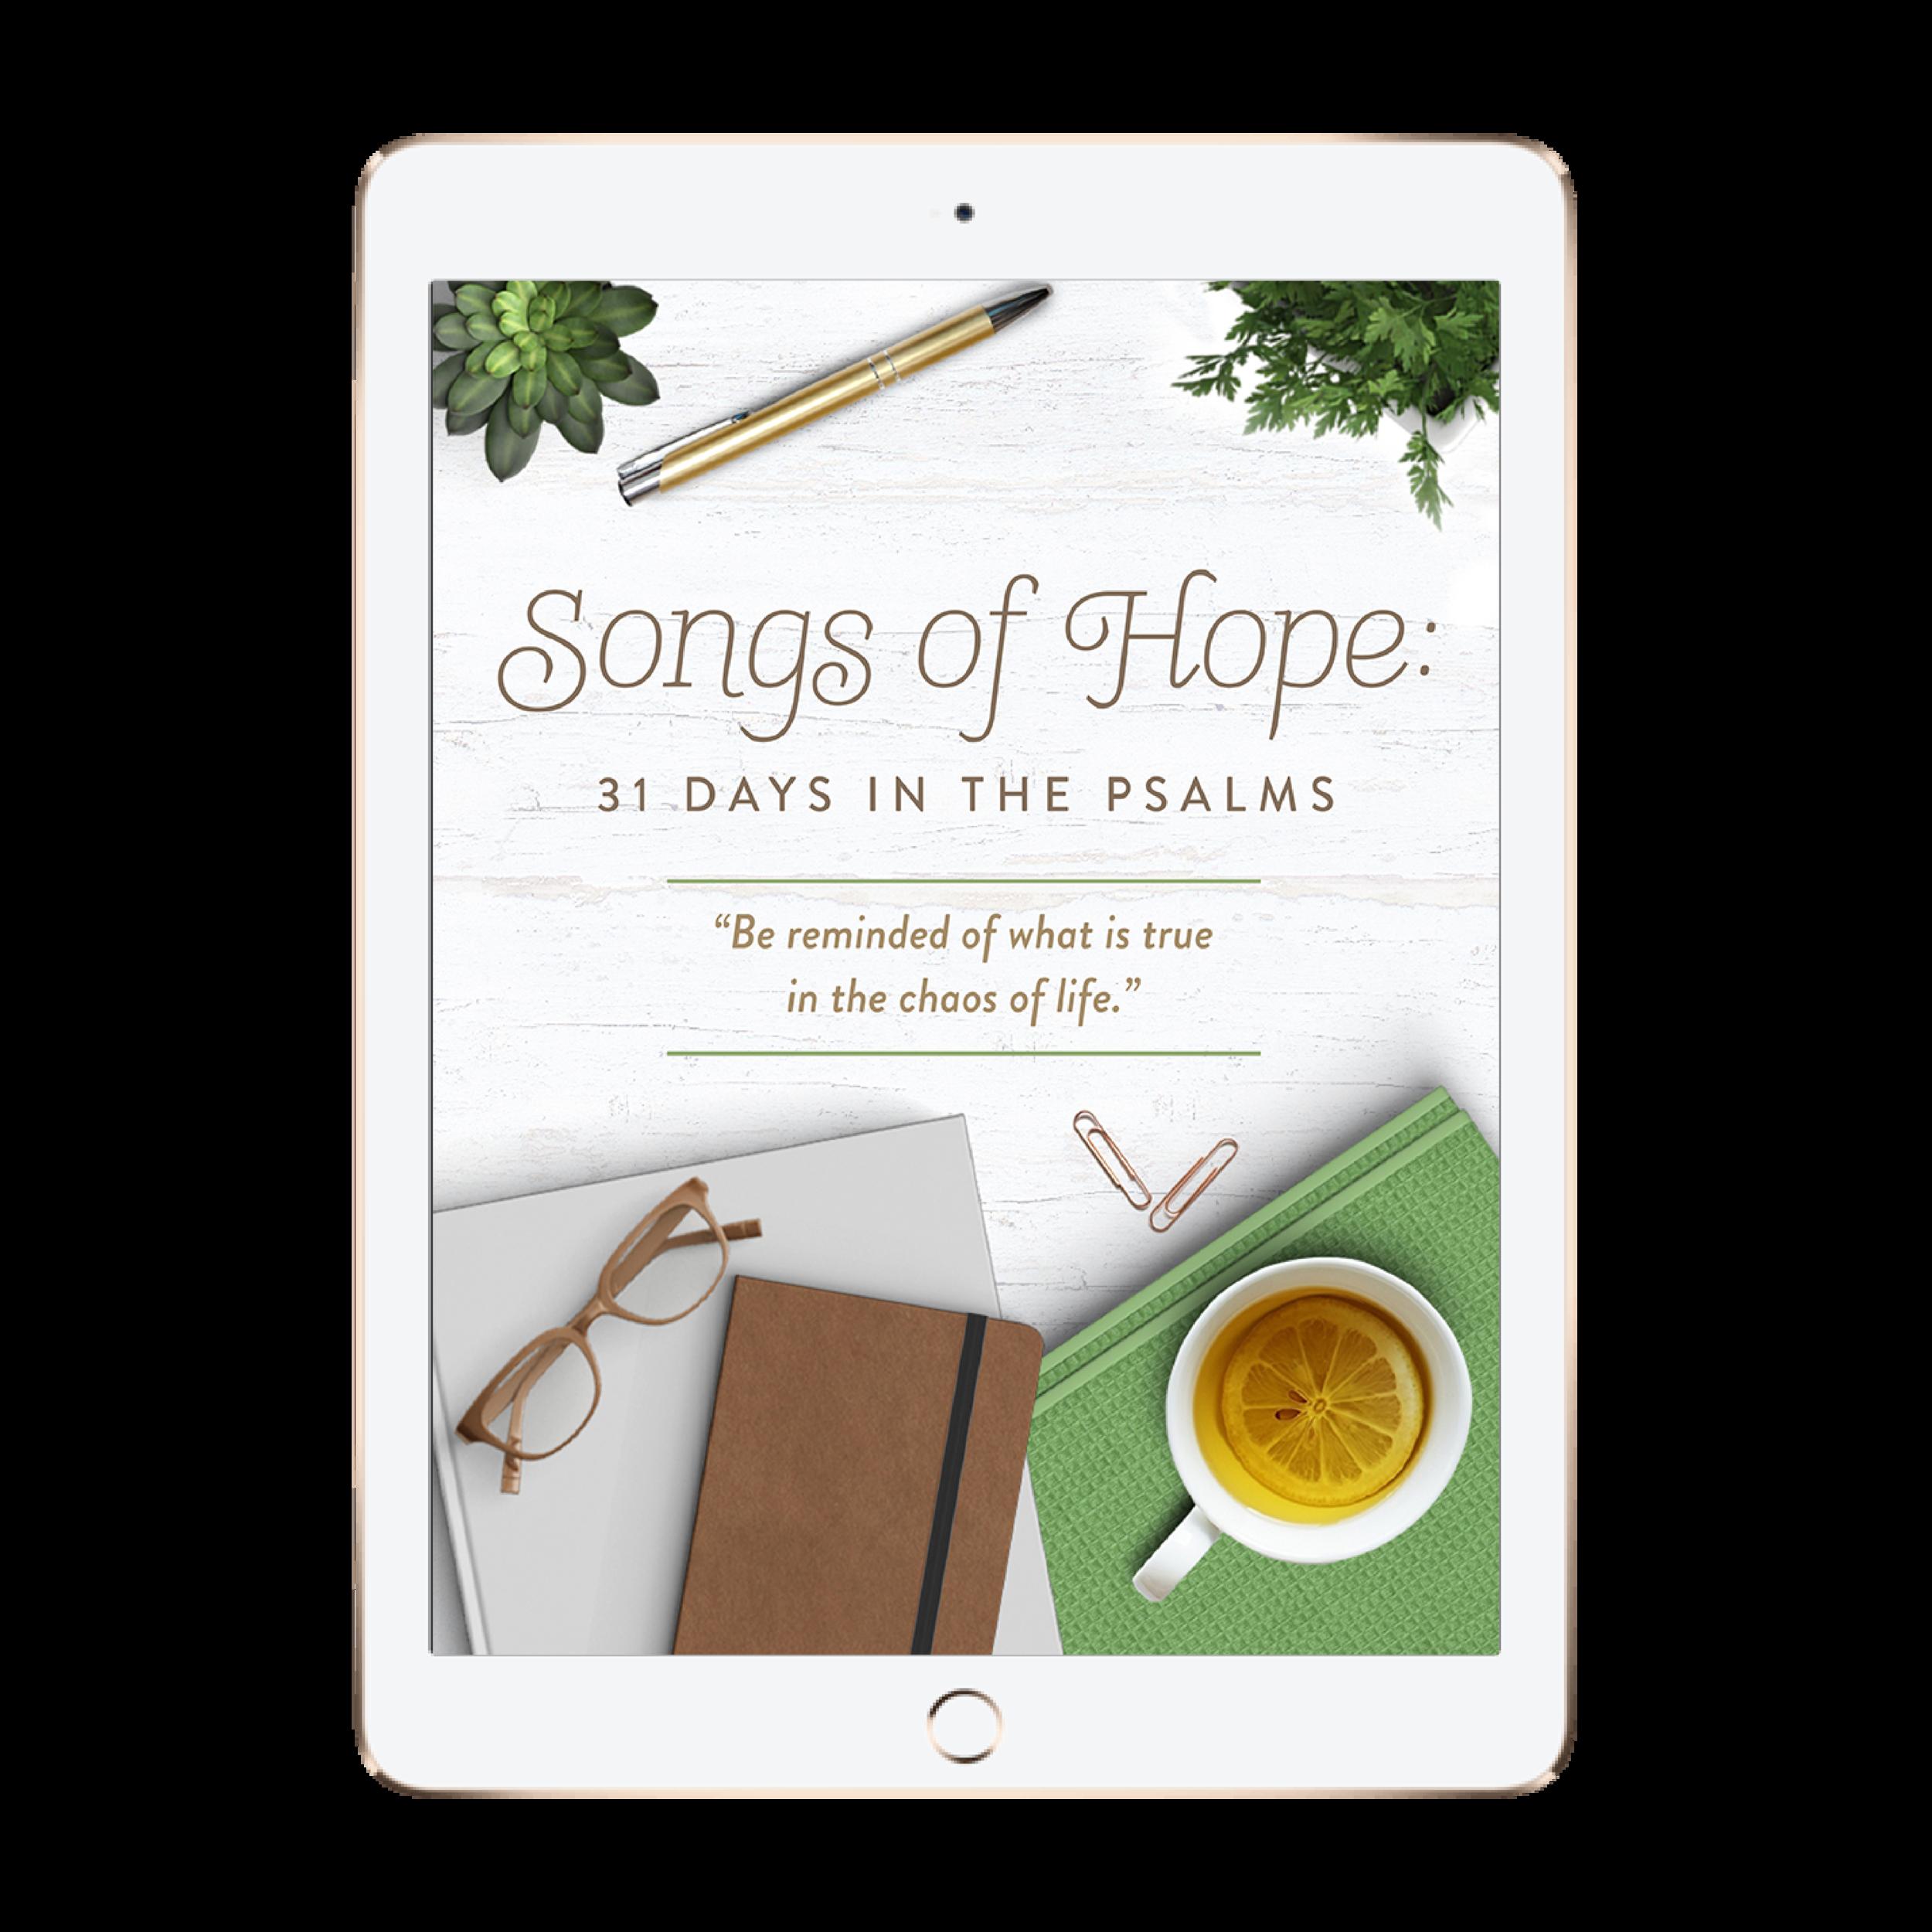 songs of hope psalms devotional digital ebook